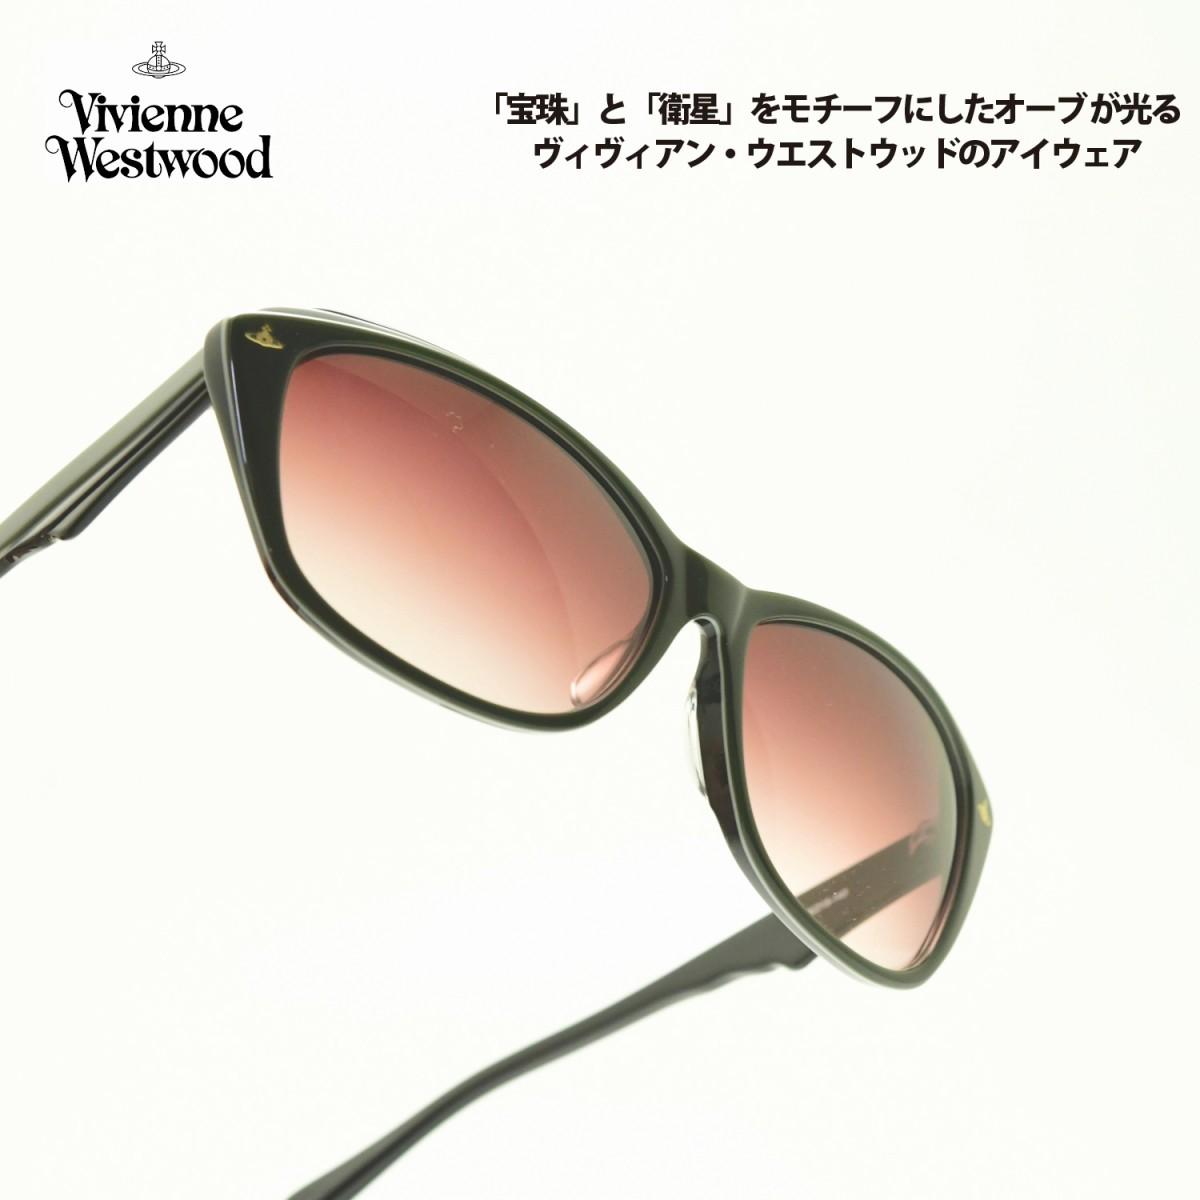 Vivienne Westwood ヴィヴィアンウエストウッドVW-7753 GBアウトレット商品になります